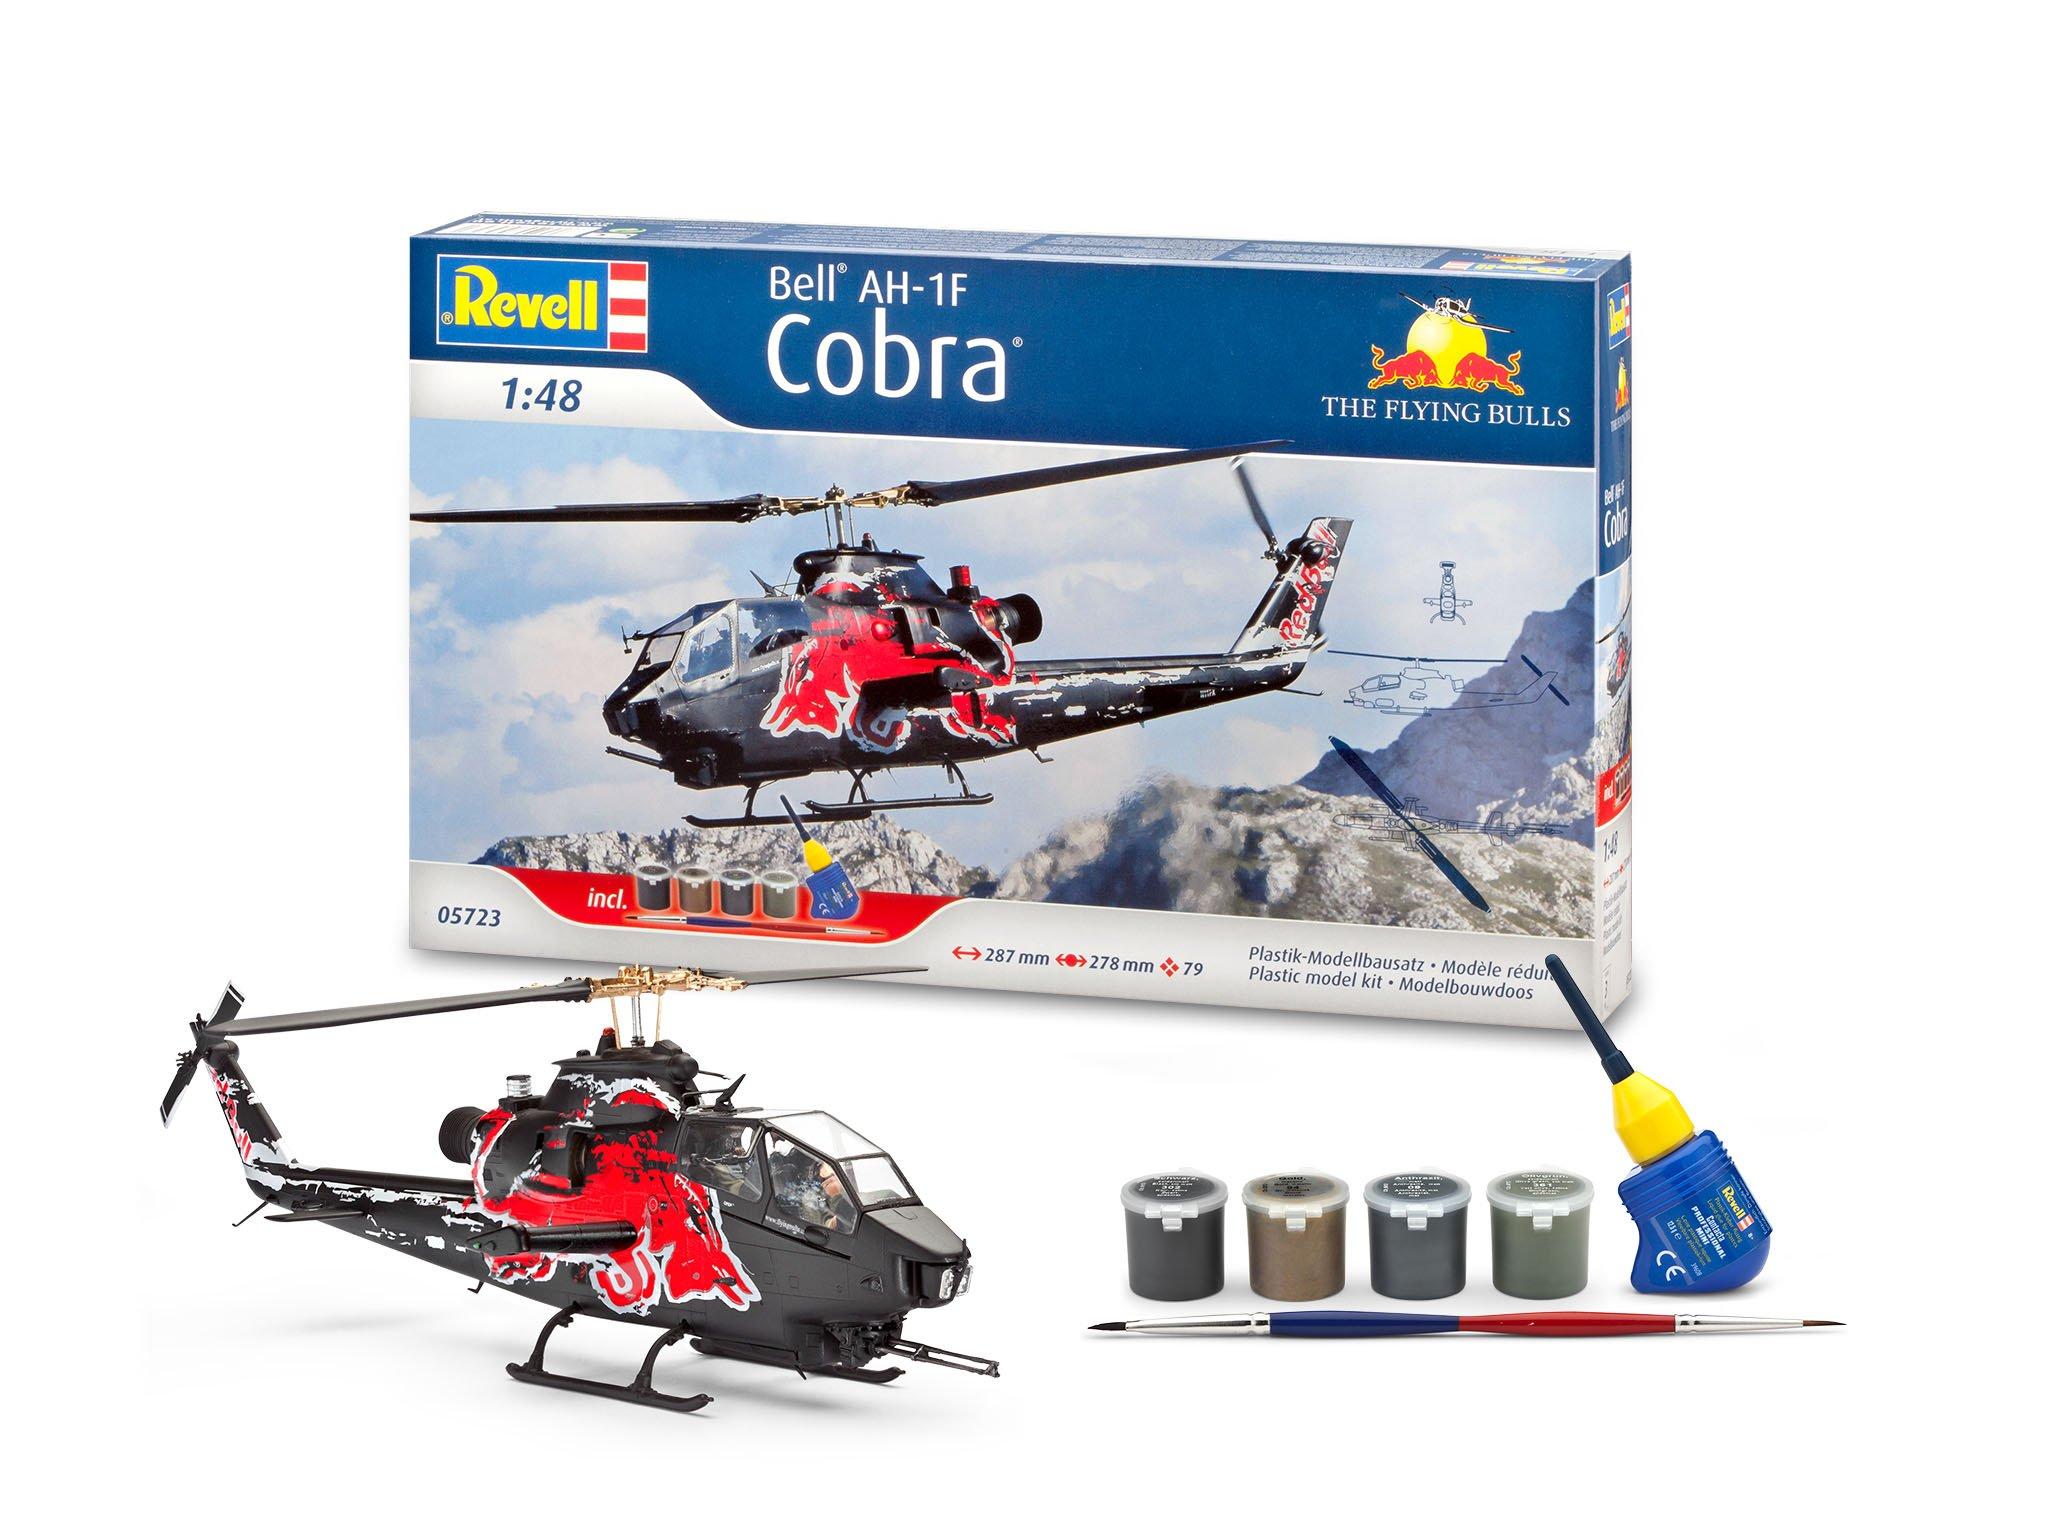 1:48 Revell Ah-1f Cobra Flying Bulls